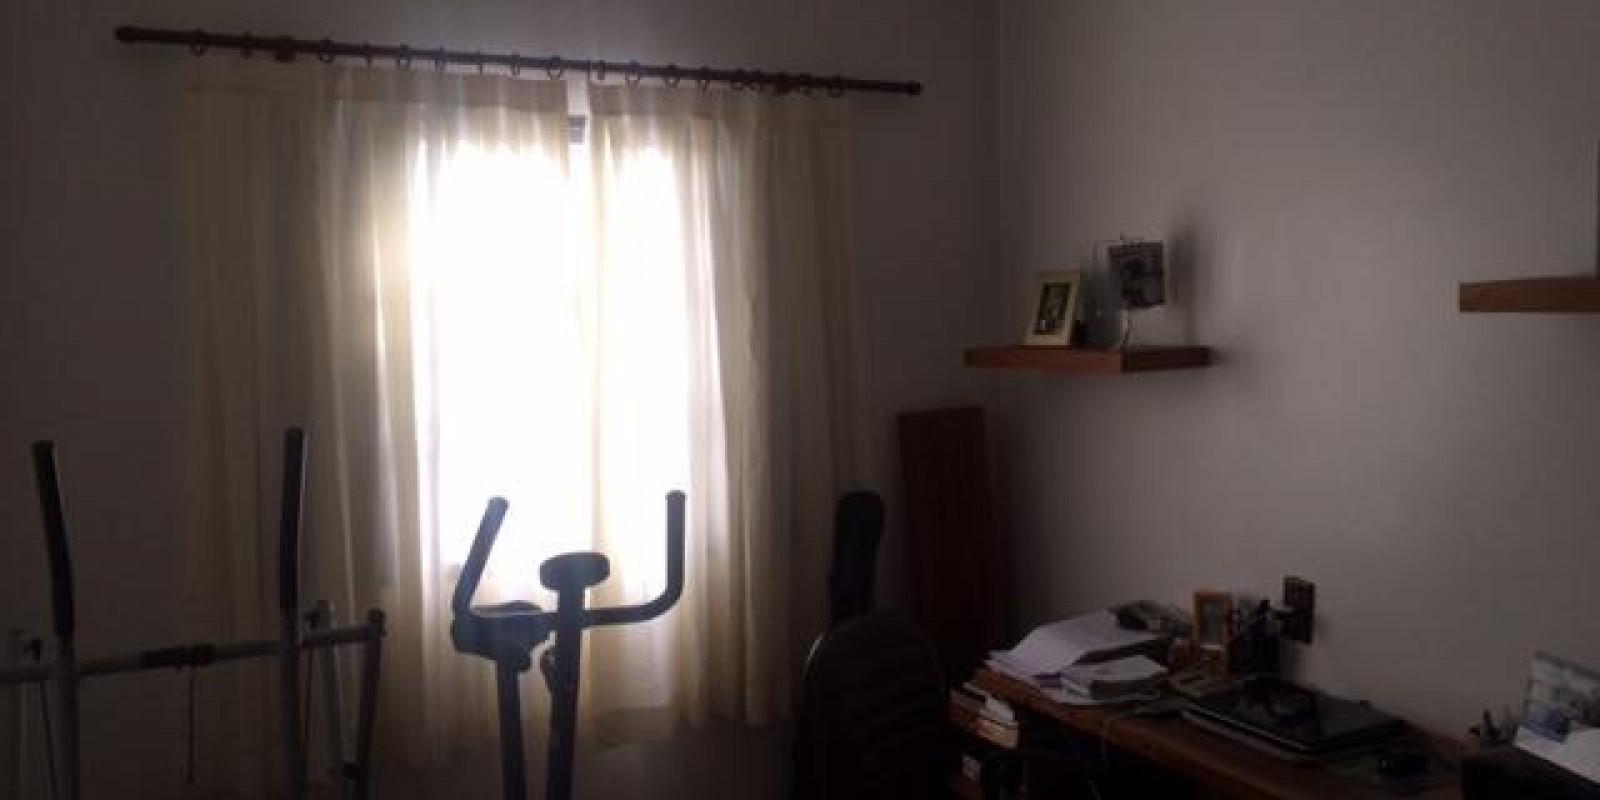 Casa no Bairro Três Maria em Avaré SP - Foto 11 de 19